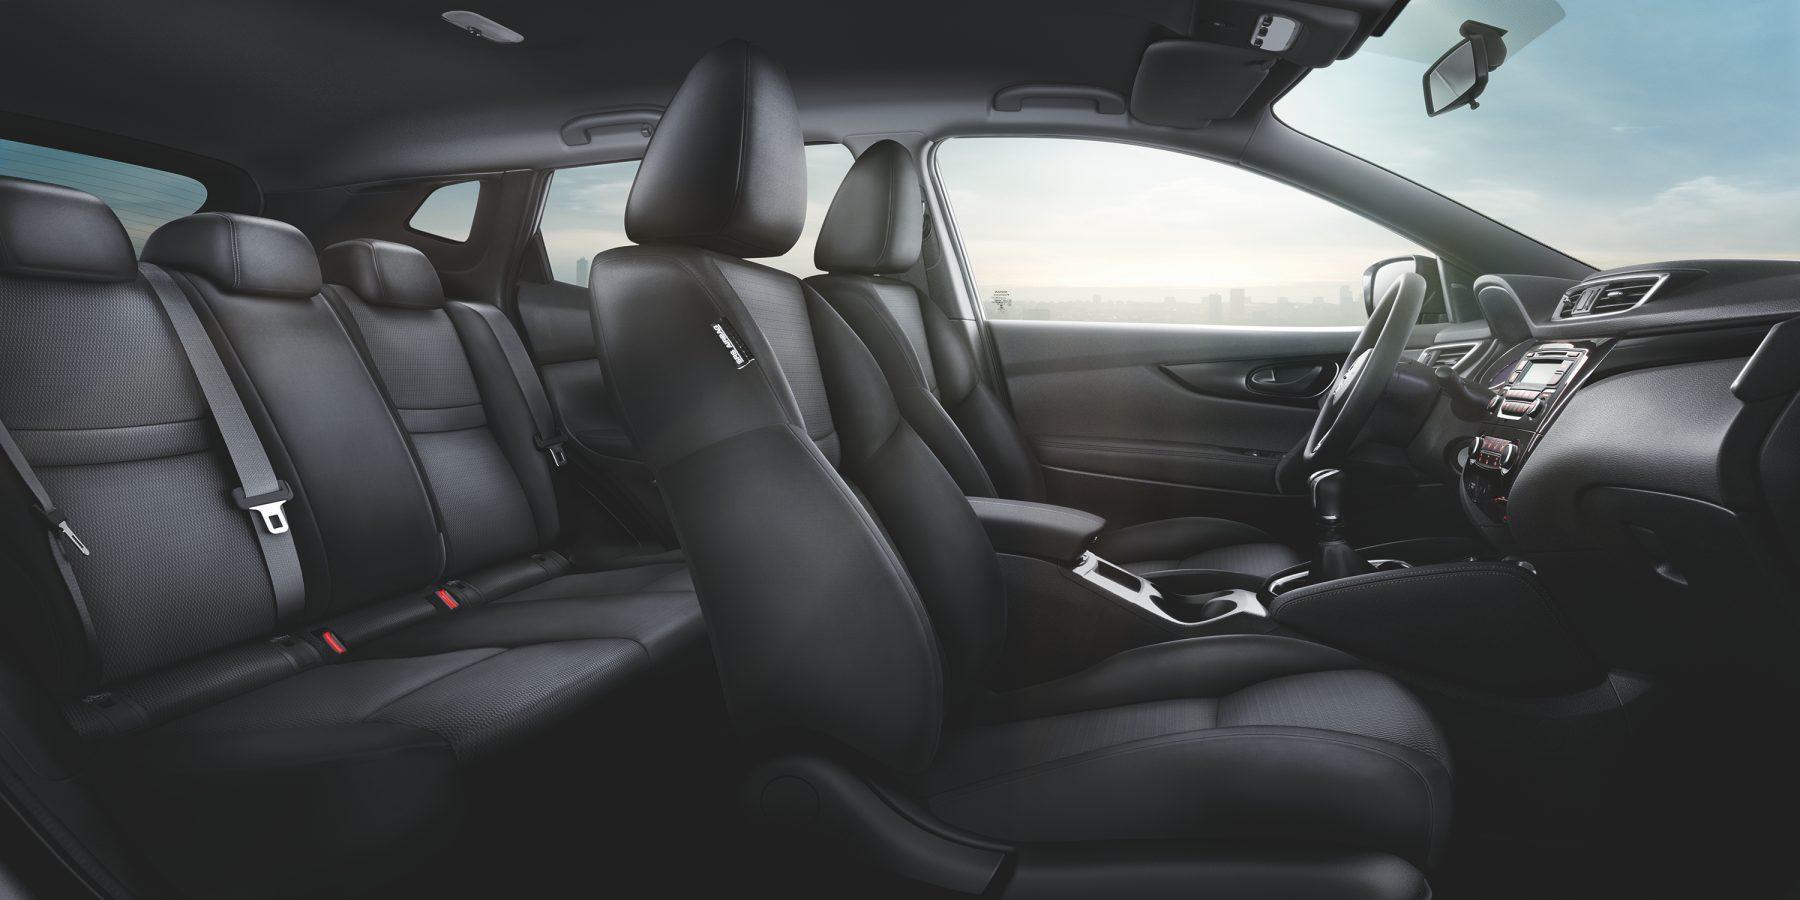 Nissan QASHQAI, салон крупным планом — отделка из черной ткани